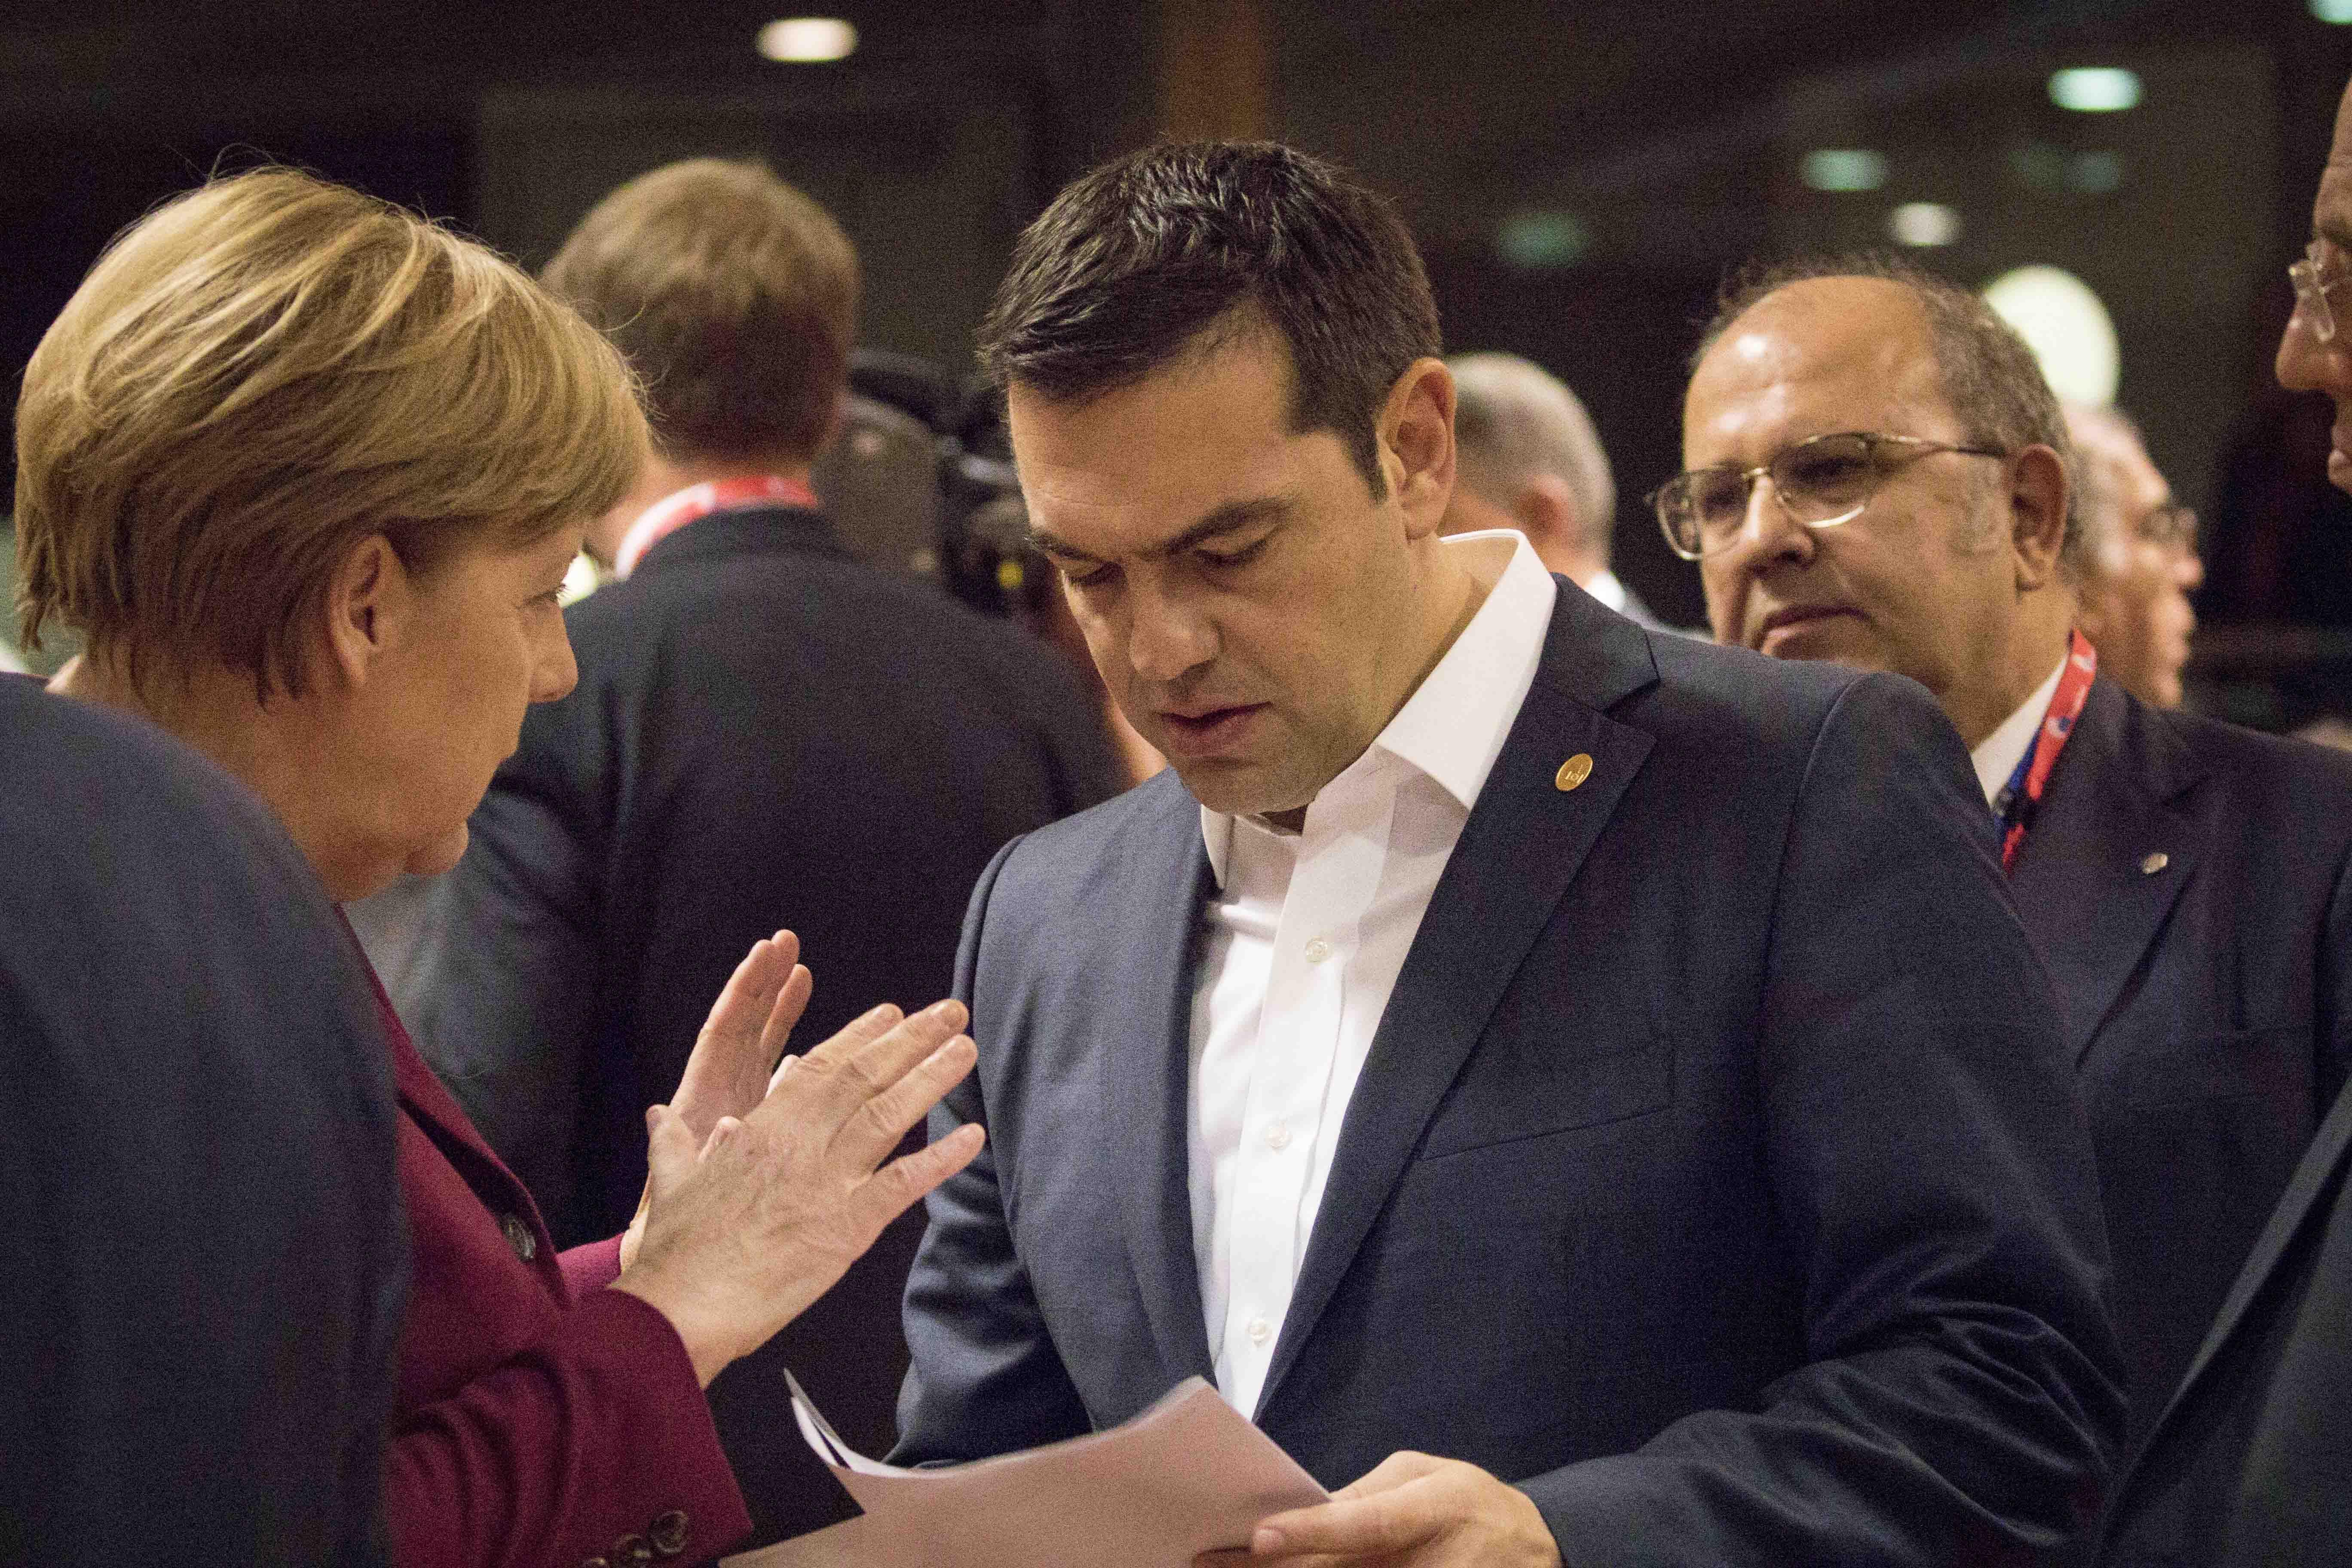 Μίνι Σύνοδος Κορυφής: Πέντε δακτύλιοι προστασίας από τους πρόσφυγες για τη Γερμανία | tovima.gr